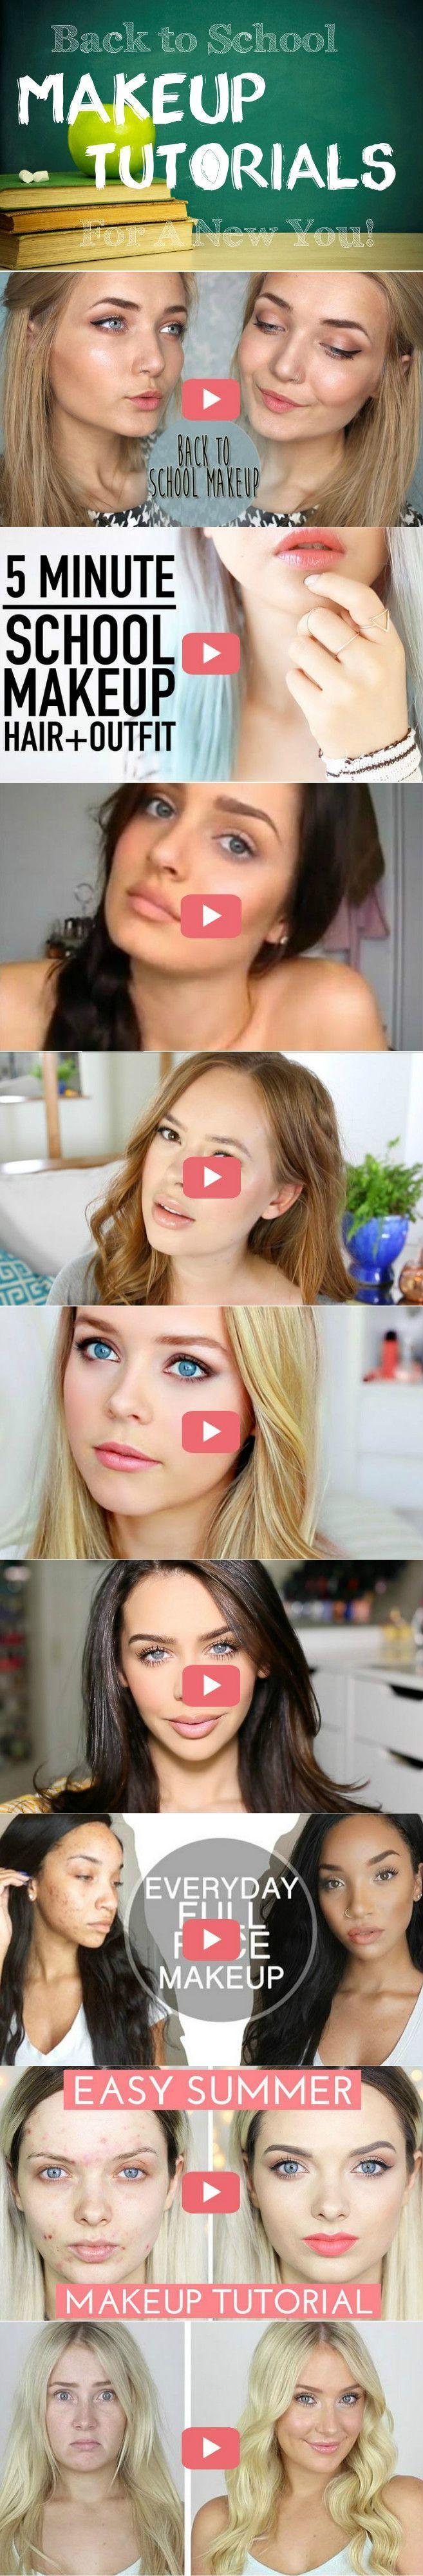 15 Back To School Makeup Tutorials For A New You | Step by Step Video Tutorial by Makeup Tutorials at http://makeuptutorials.com/back-to-school-makeup-tutorials/